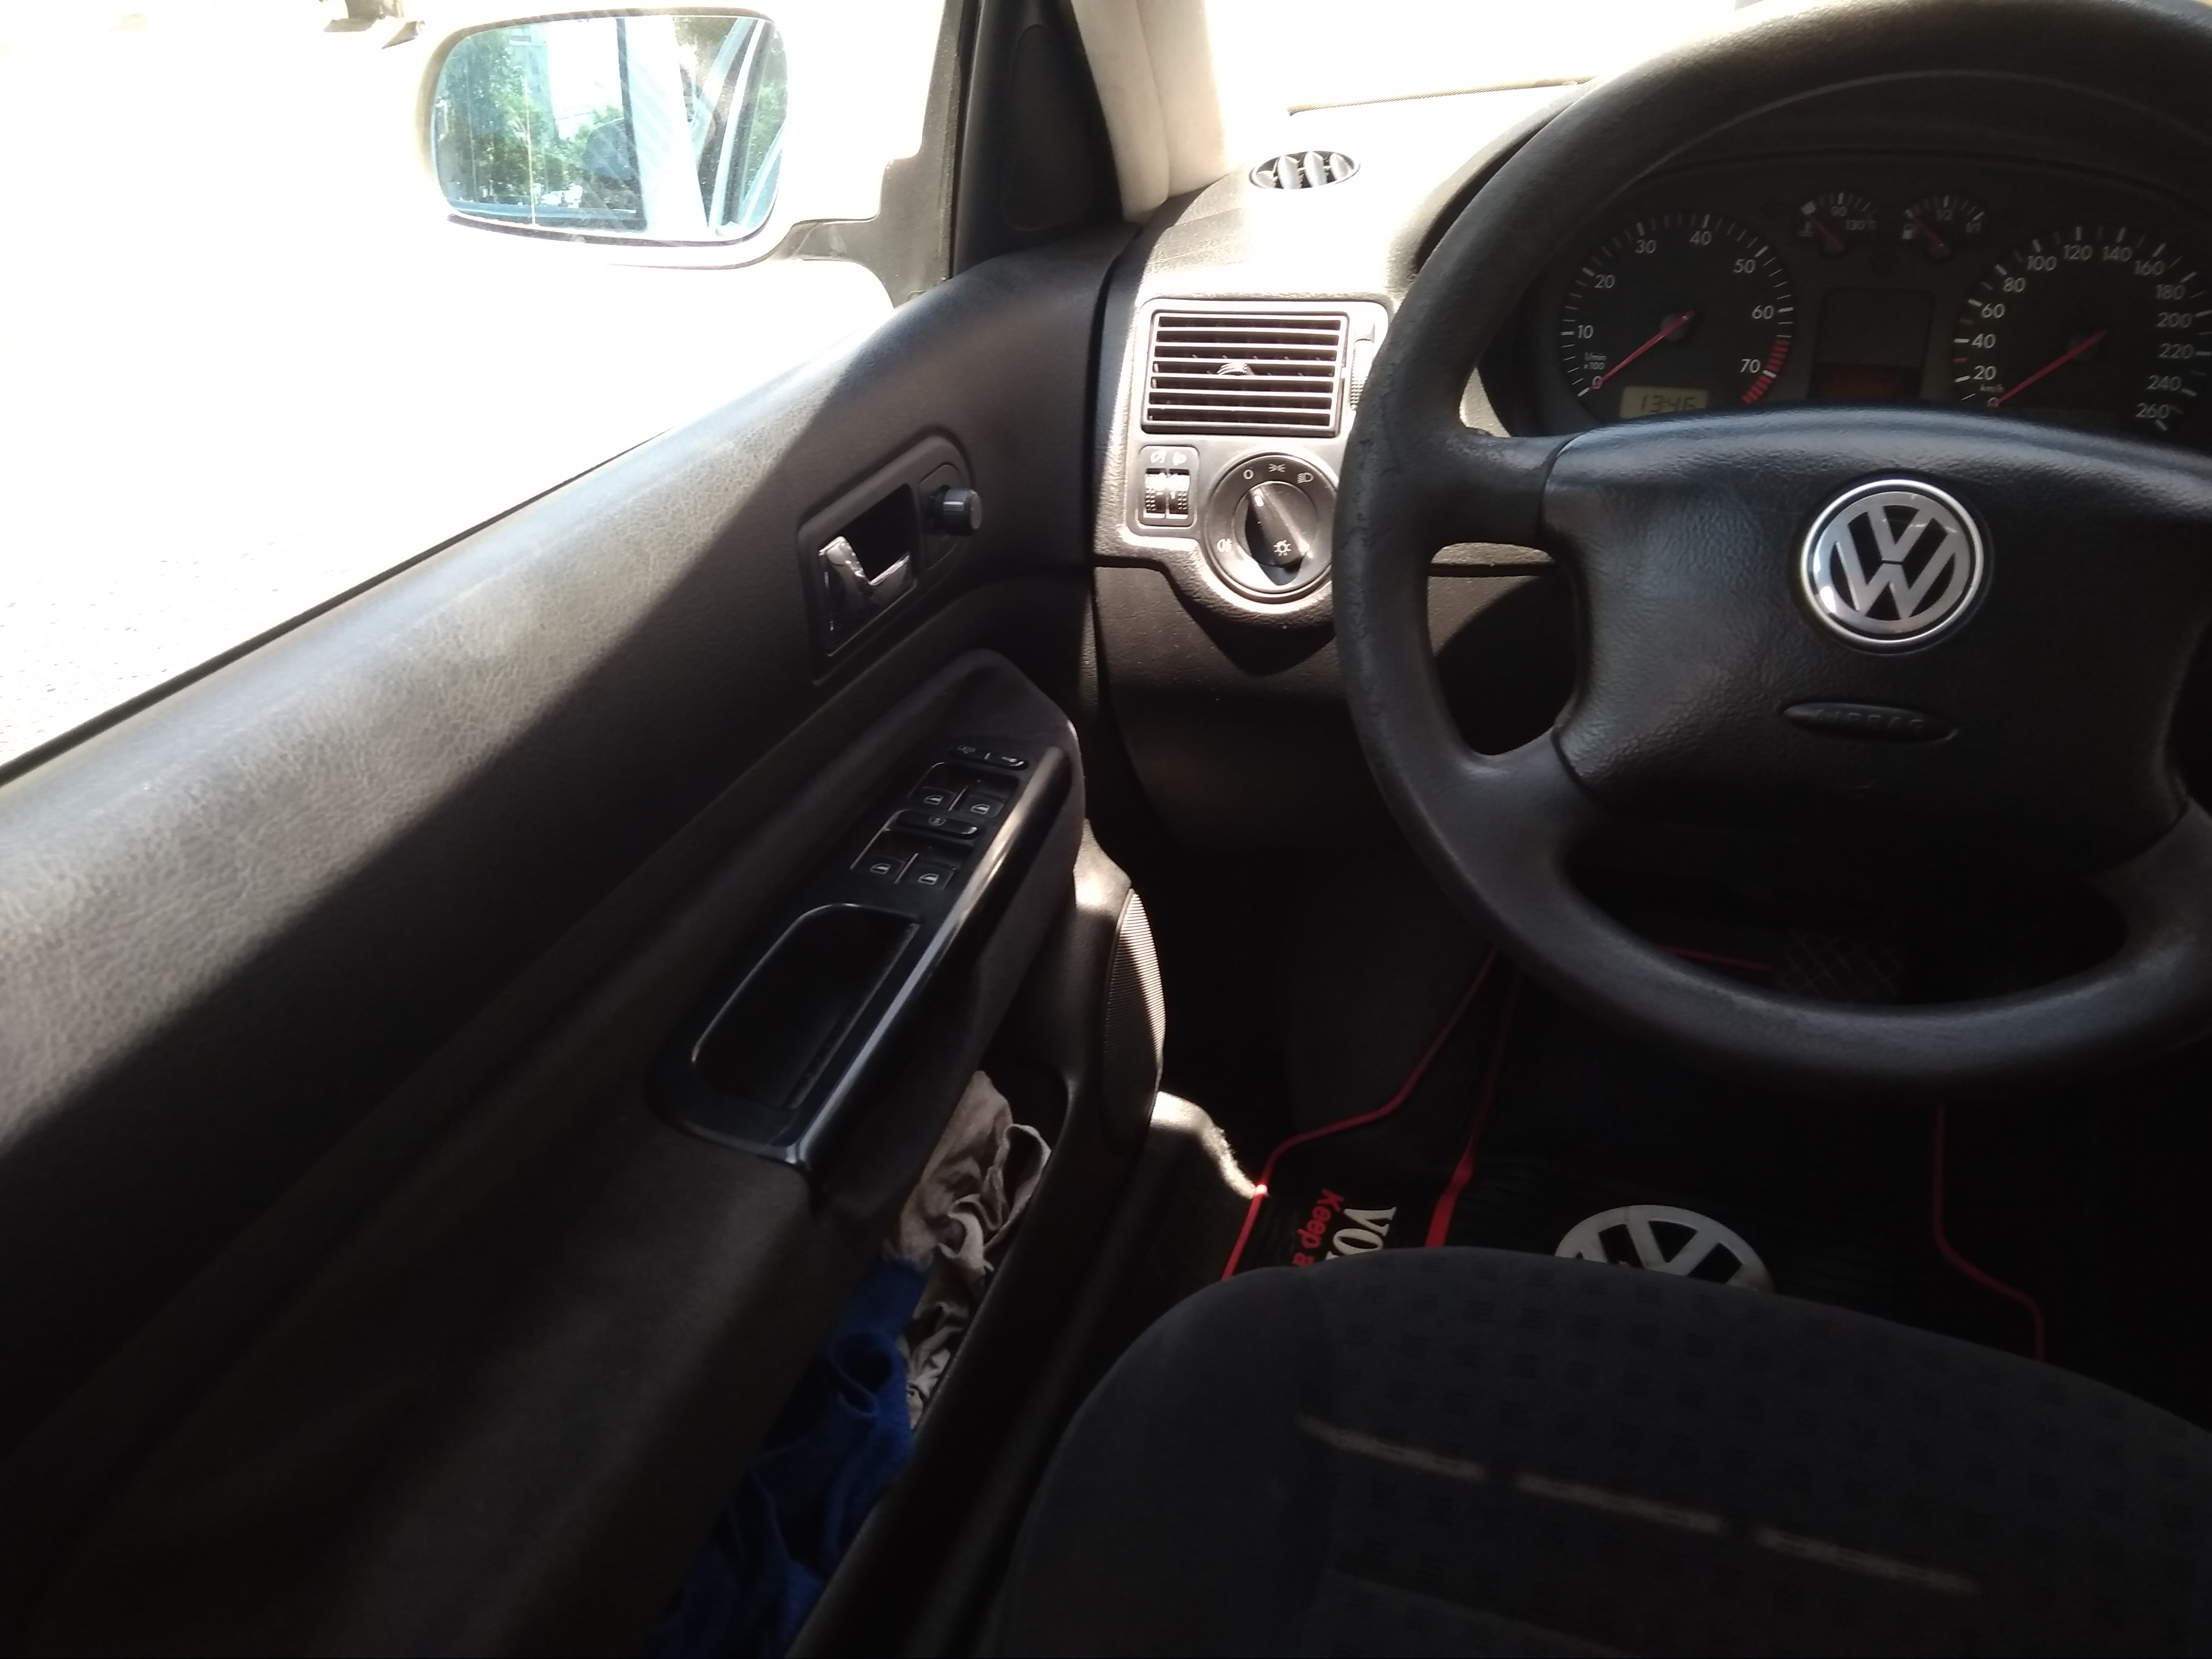 Volkswagen Golf 1.6(lt) 2001 İkinci əl  $7300